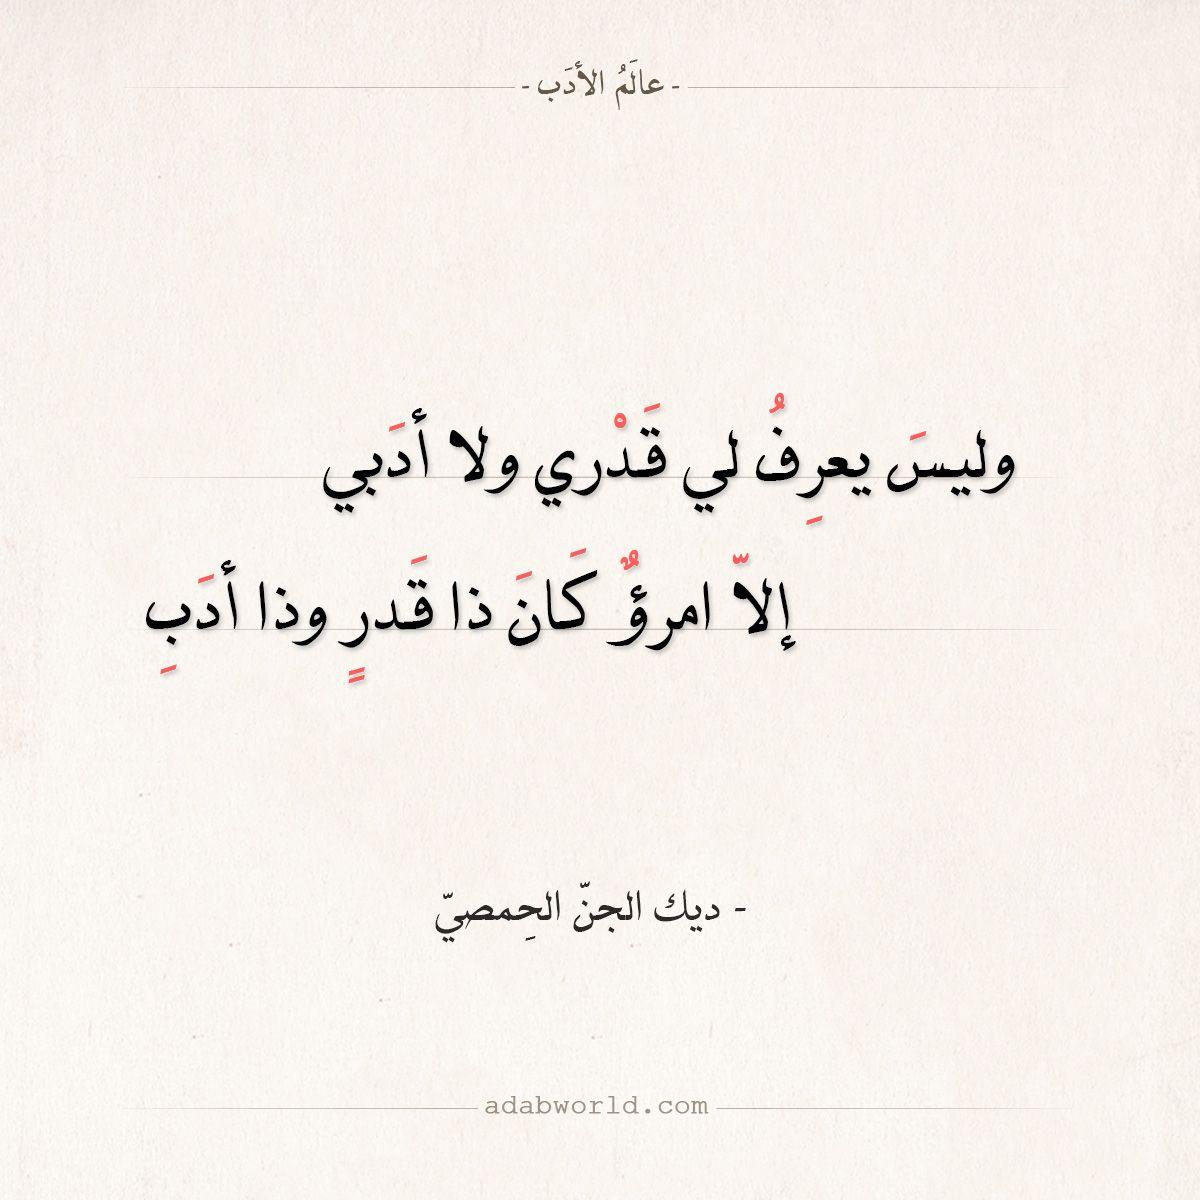 شعر ديك الجن وليس يعرف لي قدري ولا أدبي عالم الأدب Lesson Quotes Life Lesson Quotes Arabic Quotes